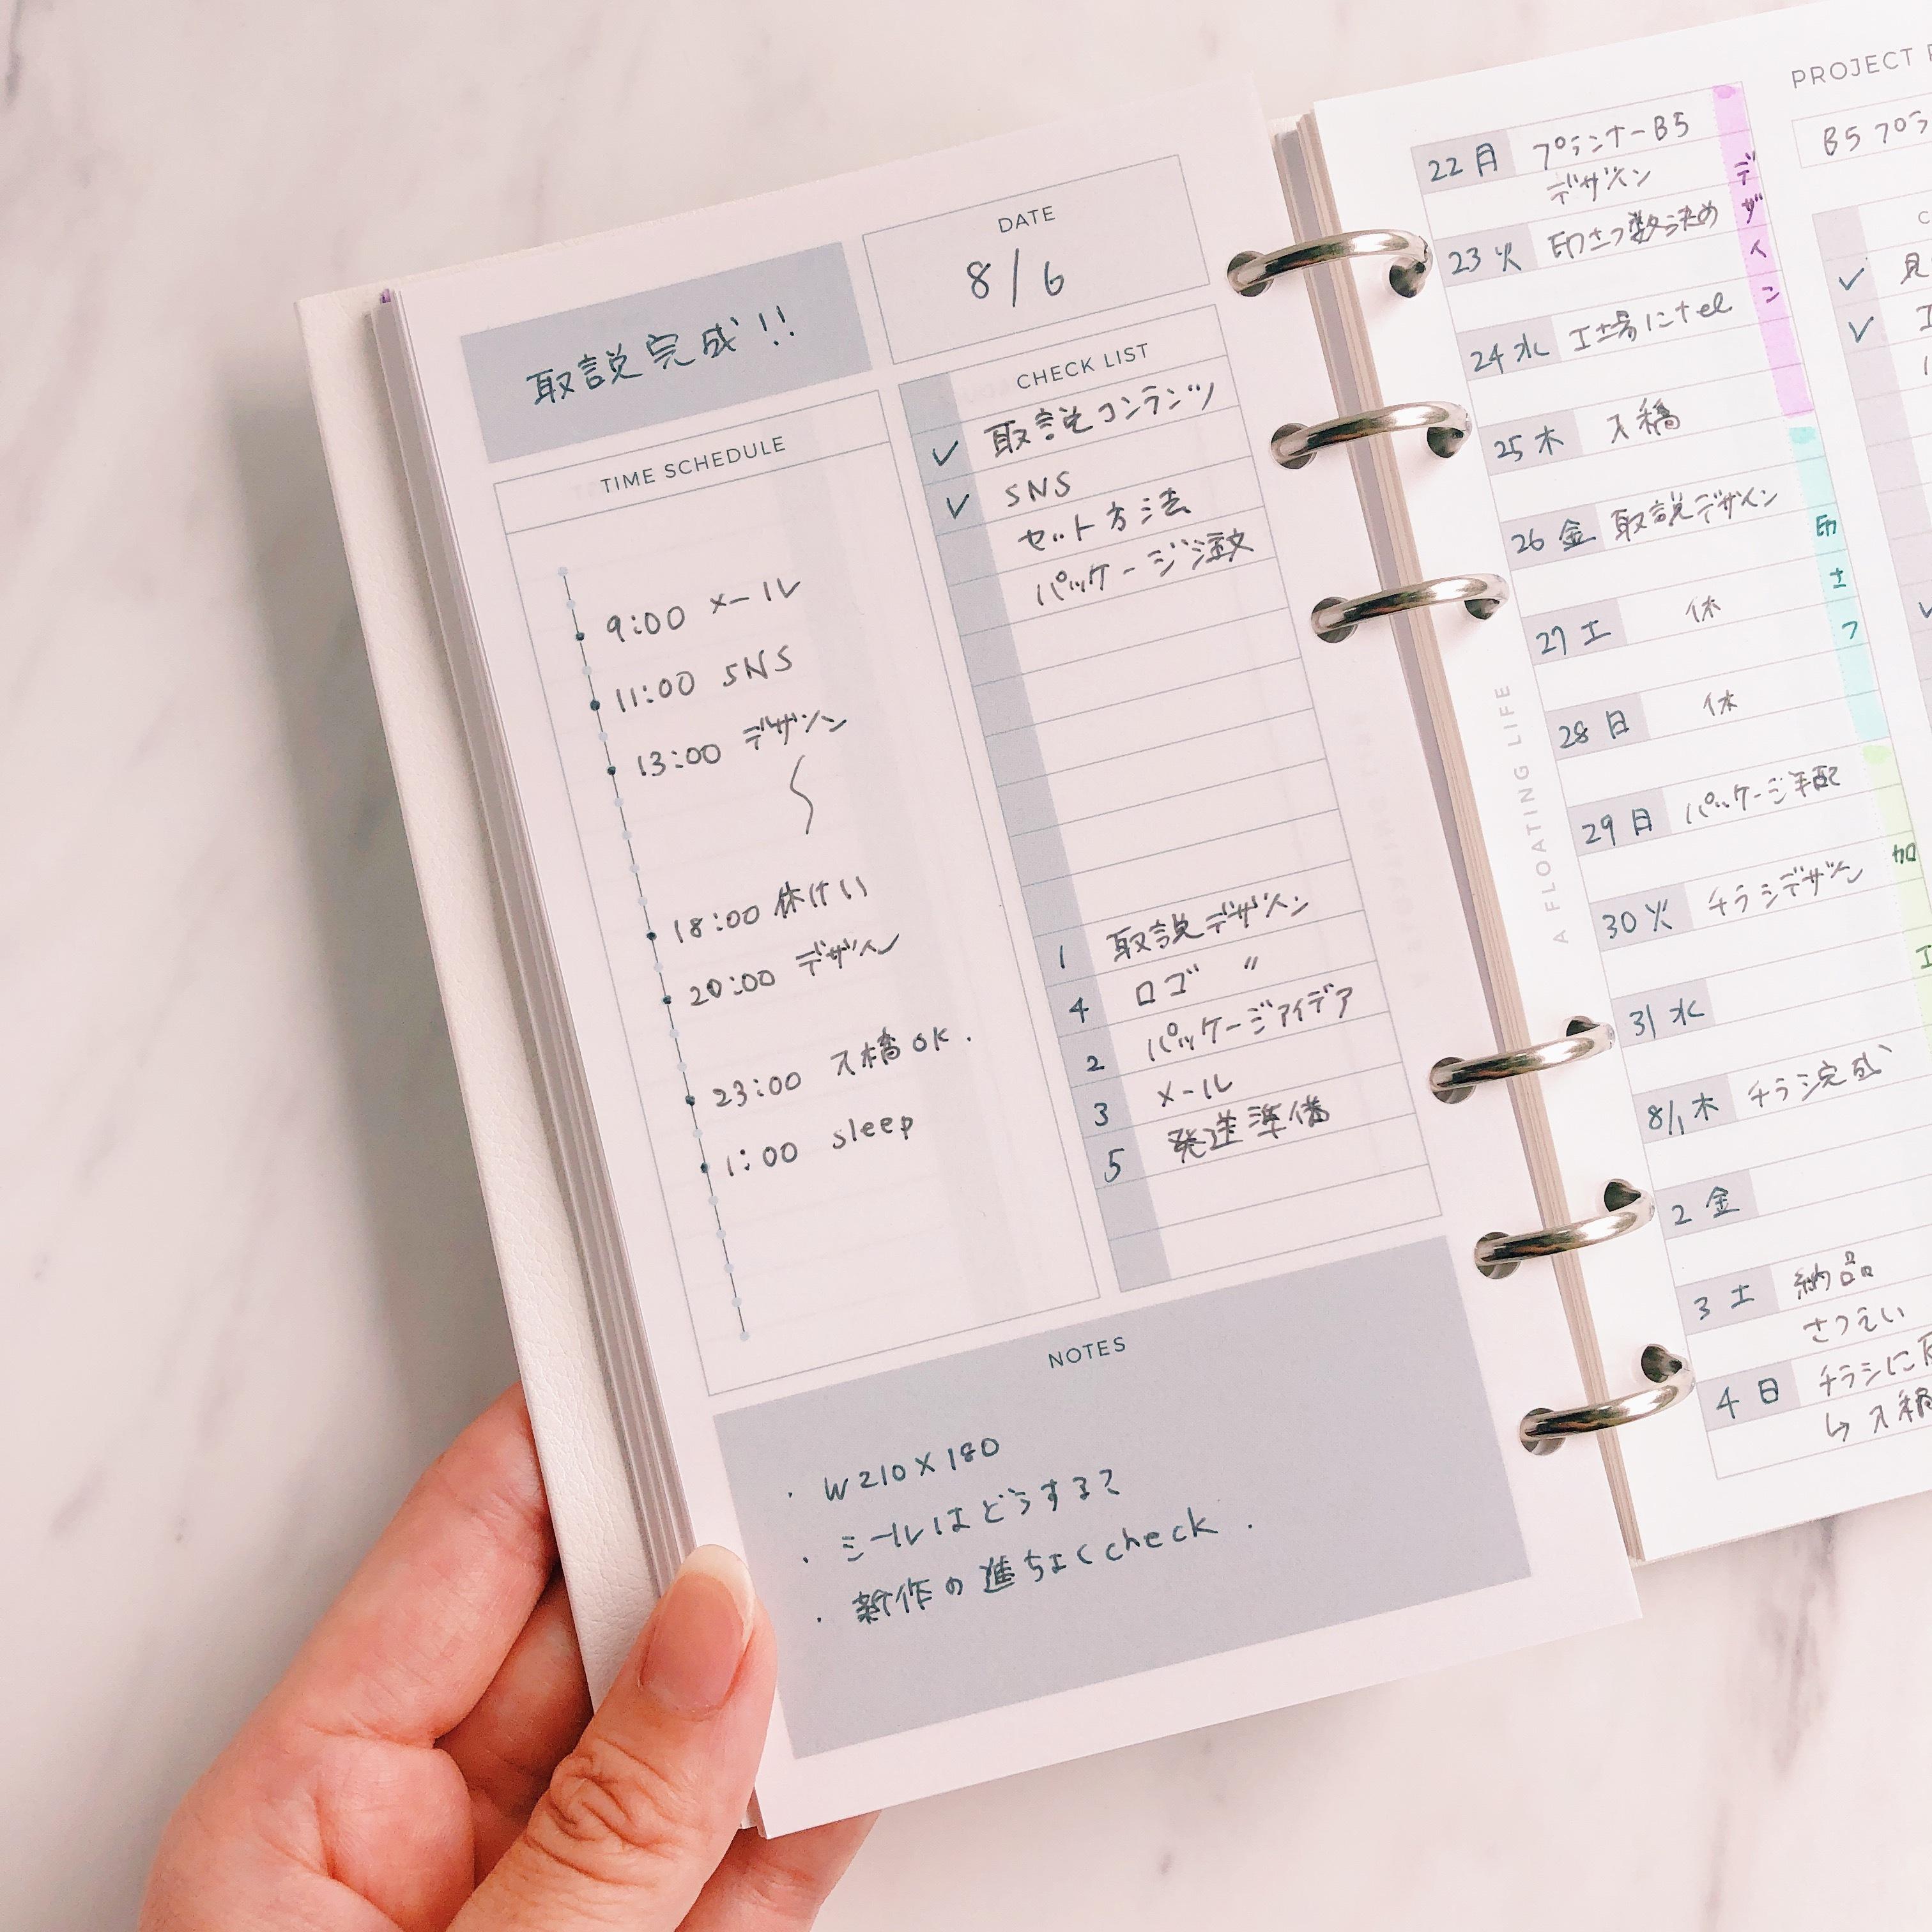 【システム手帳リフィル】デイリー / バイブル / シンプル